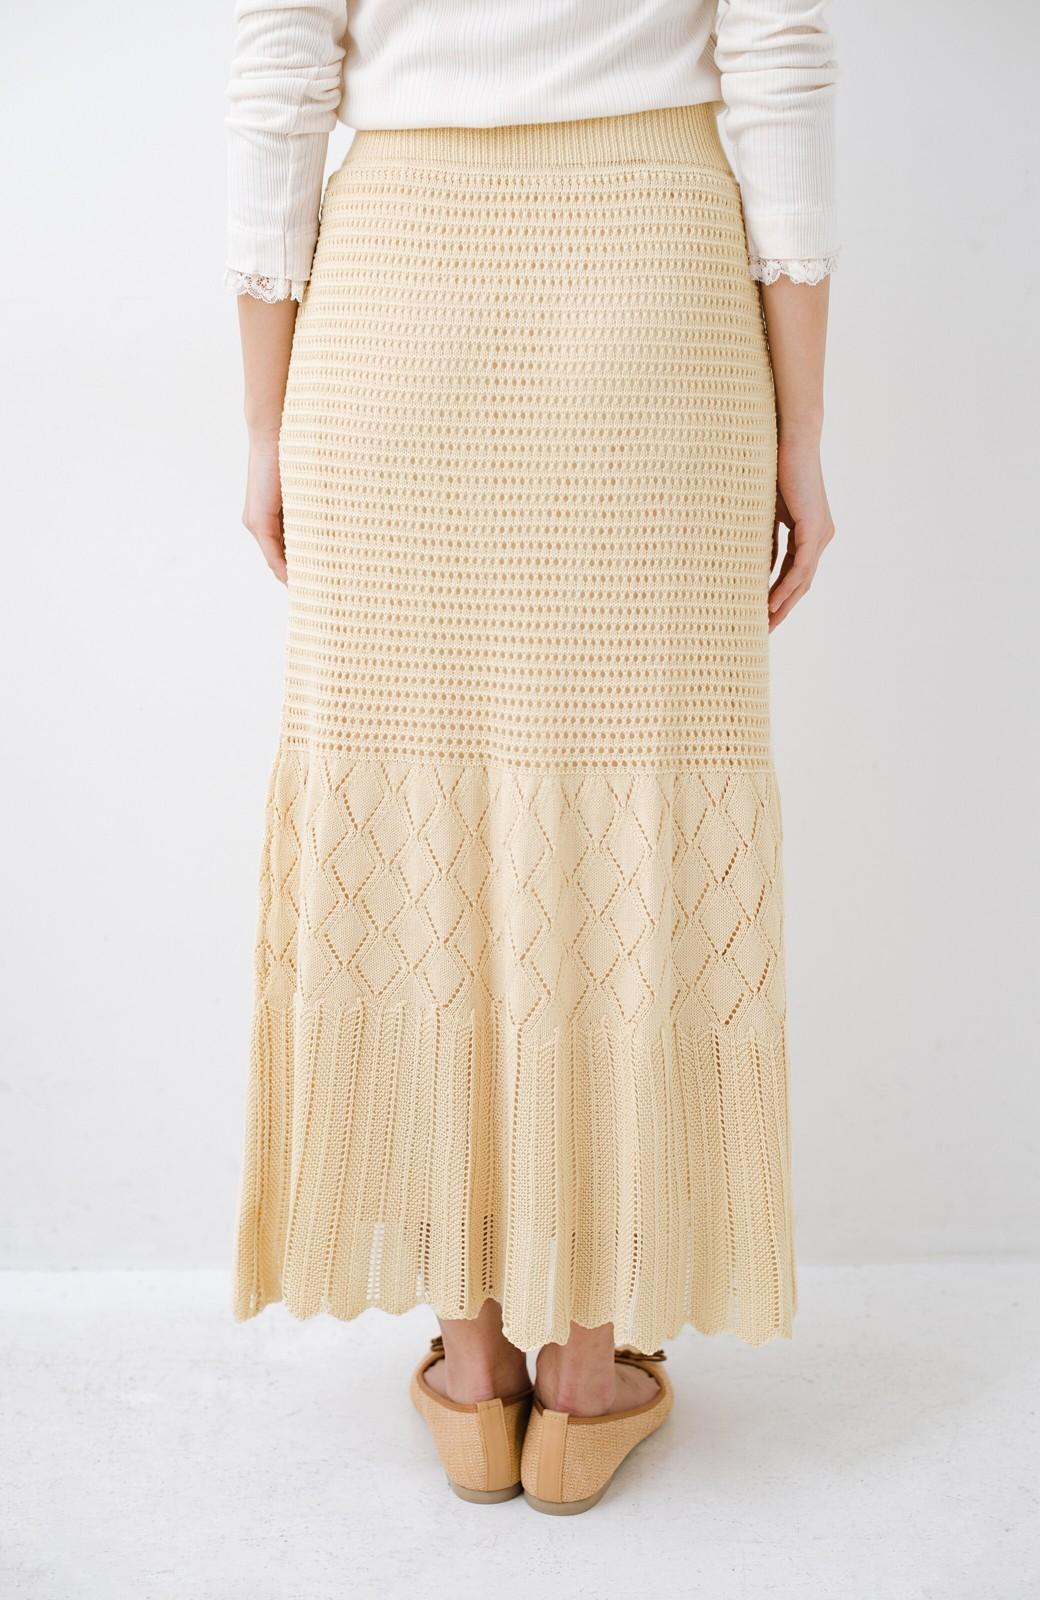 haco! 単品はもちろん重ね着してもかわいさが増す!透かし編みマーメイドスカート <アイボリー>の商品写真9